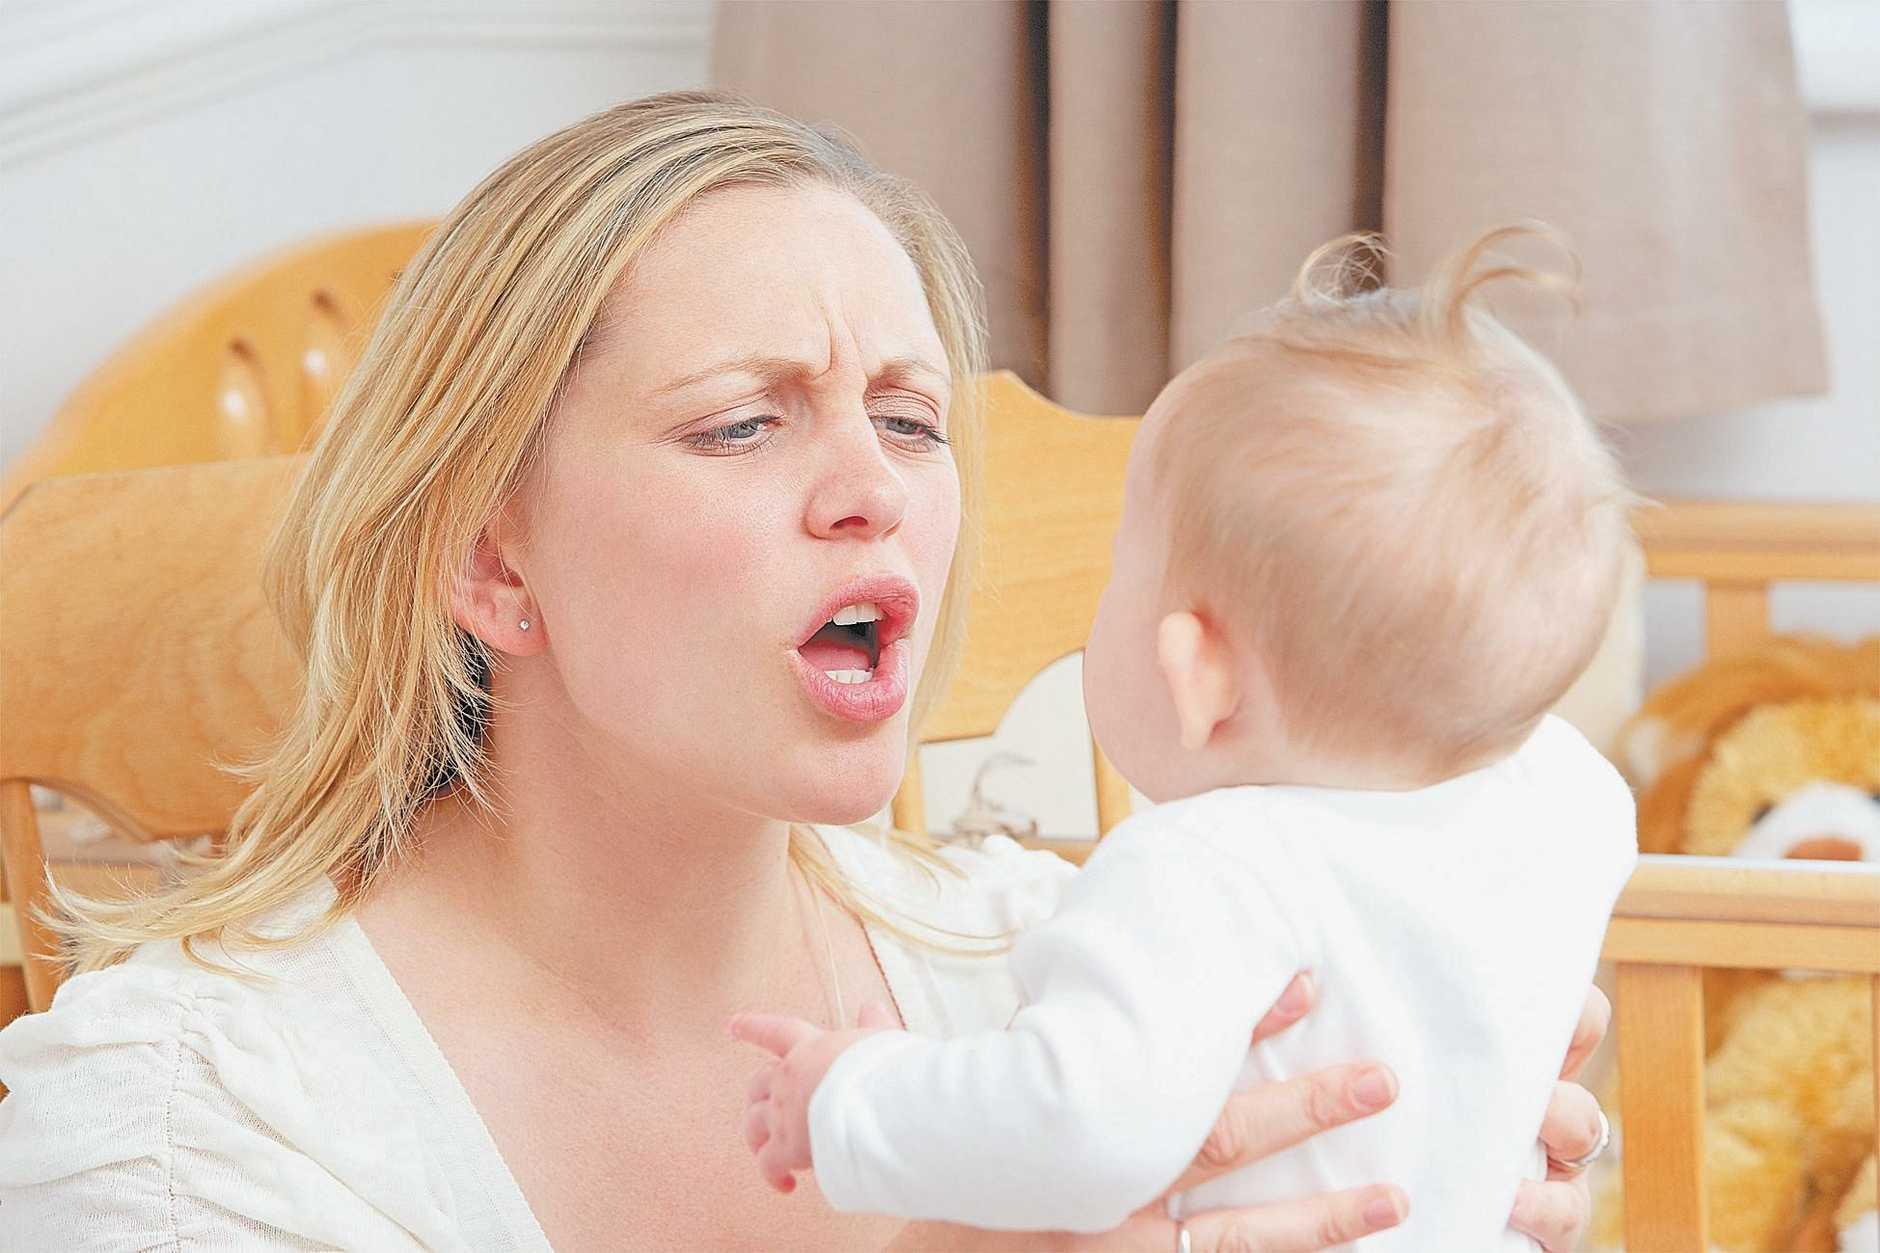 7 вещей, которые нельзя запрещать ребенку